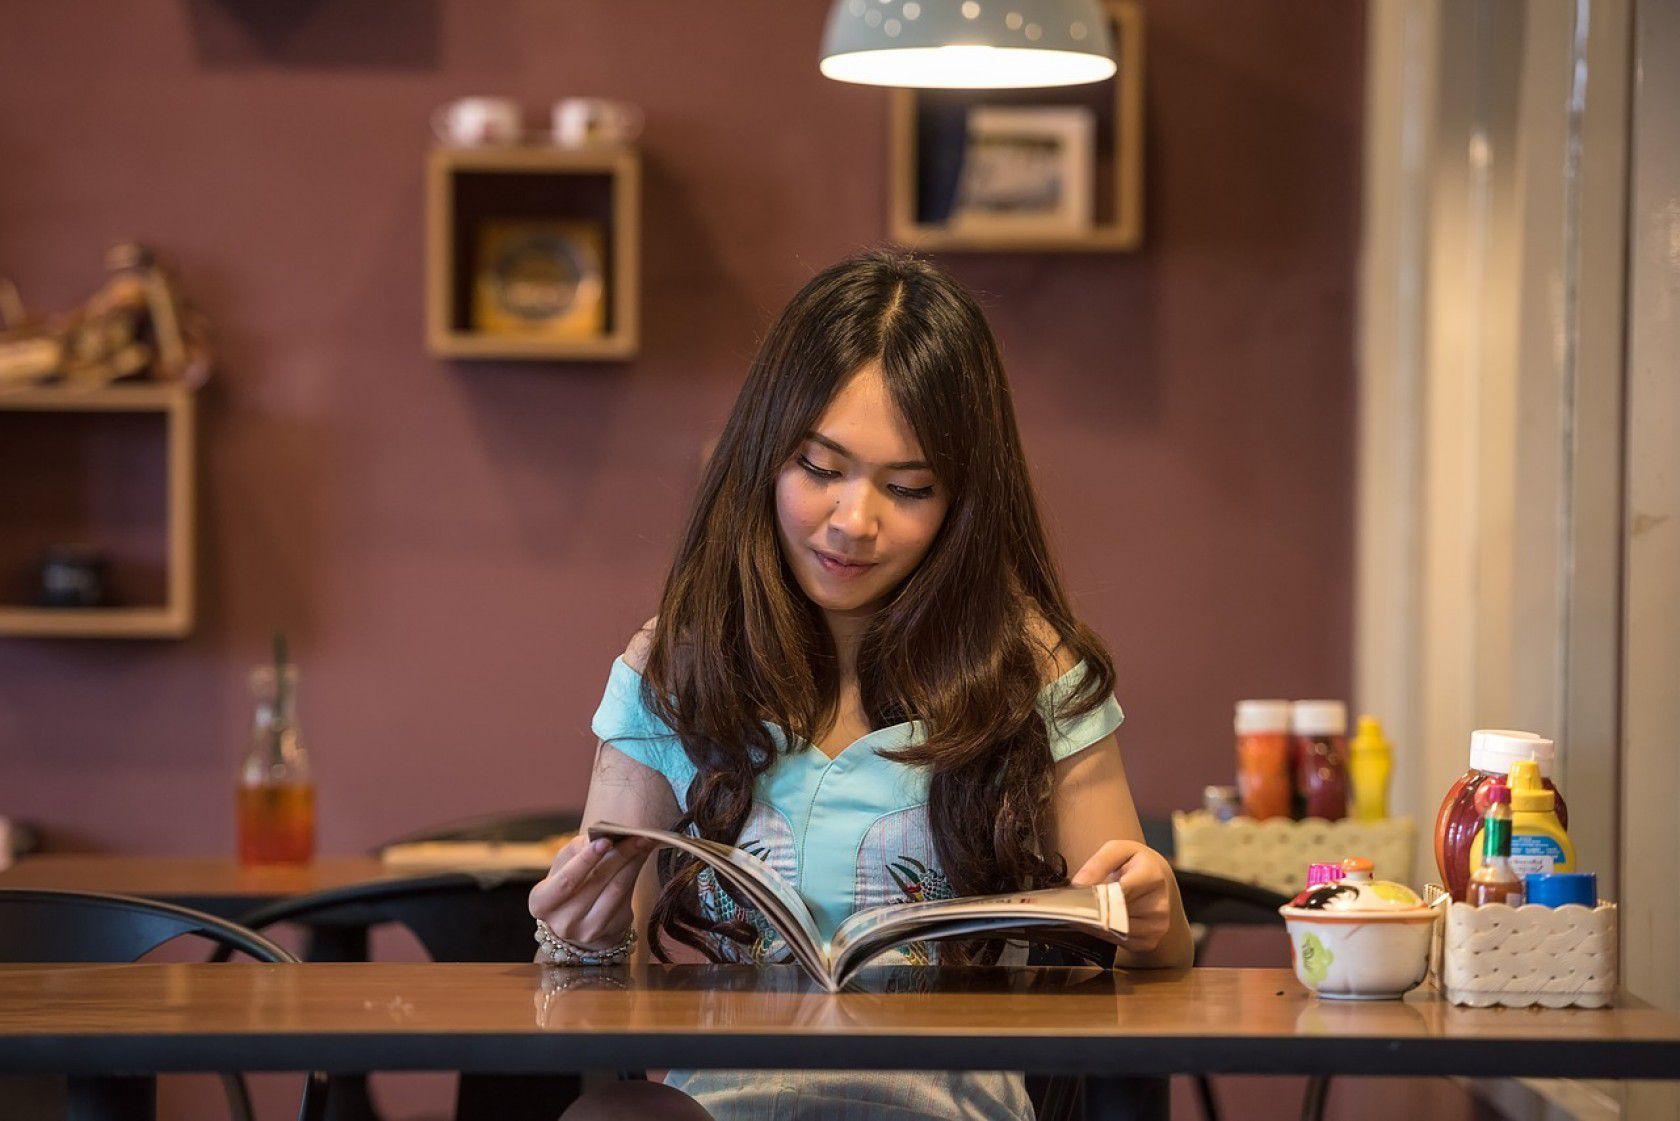 Finlandiya Turku'da Özel Yatılı Lise Eğitimi ve Kampüs